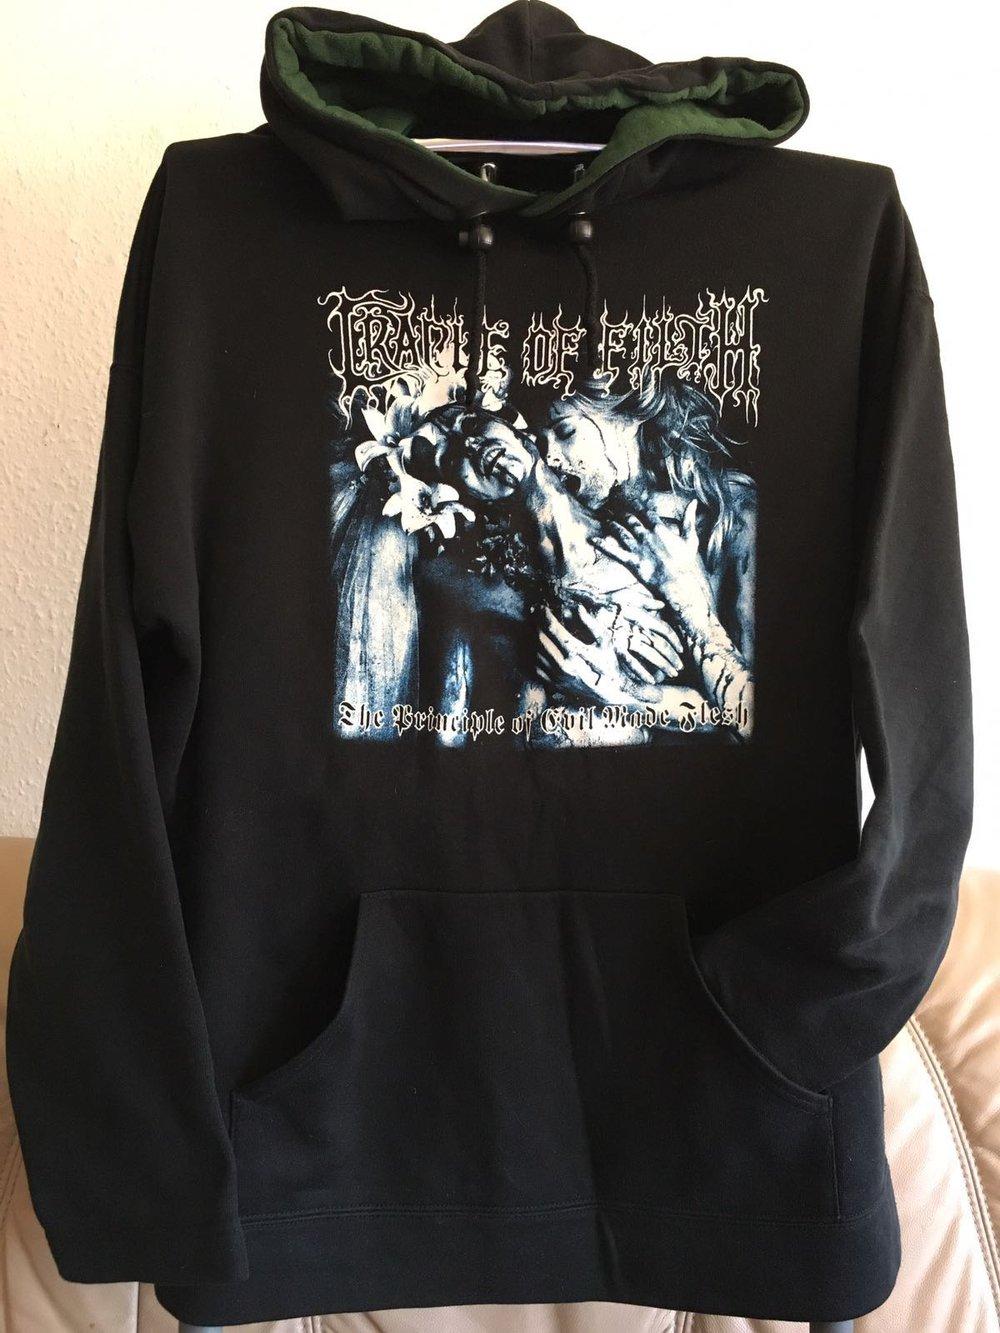 Cradle of filth hoodie